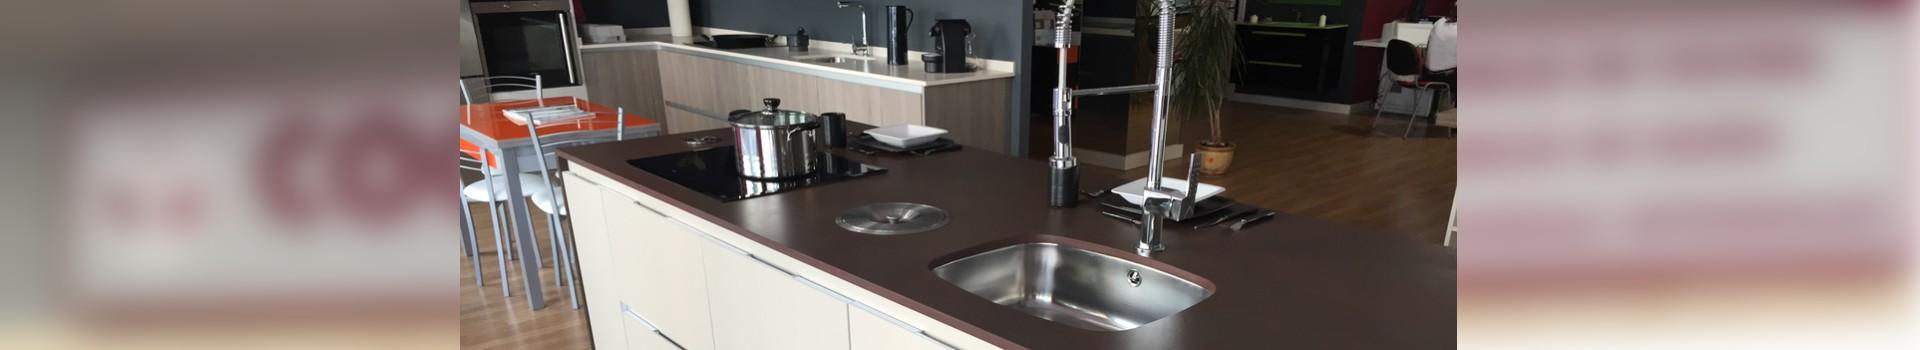 cocinas sanse, muebles cocina alcobendas, cocinas baratas en zona norte madrid